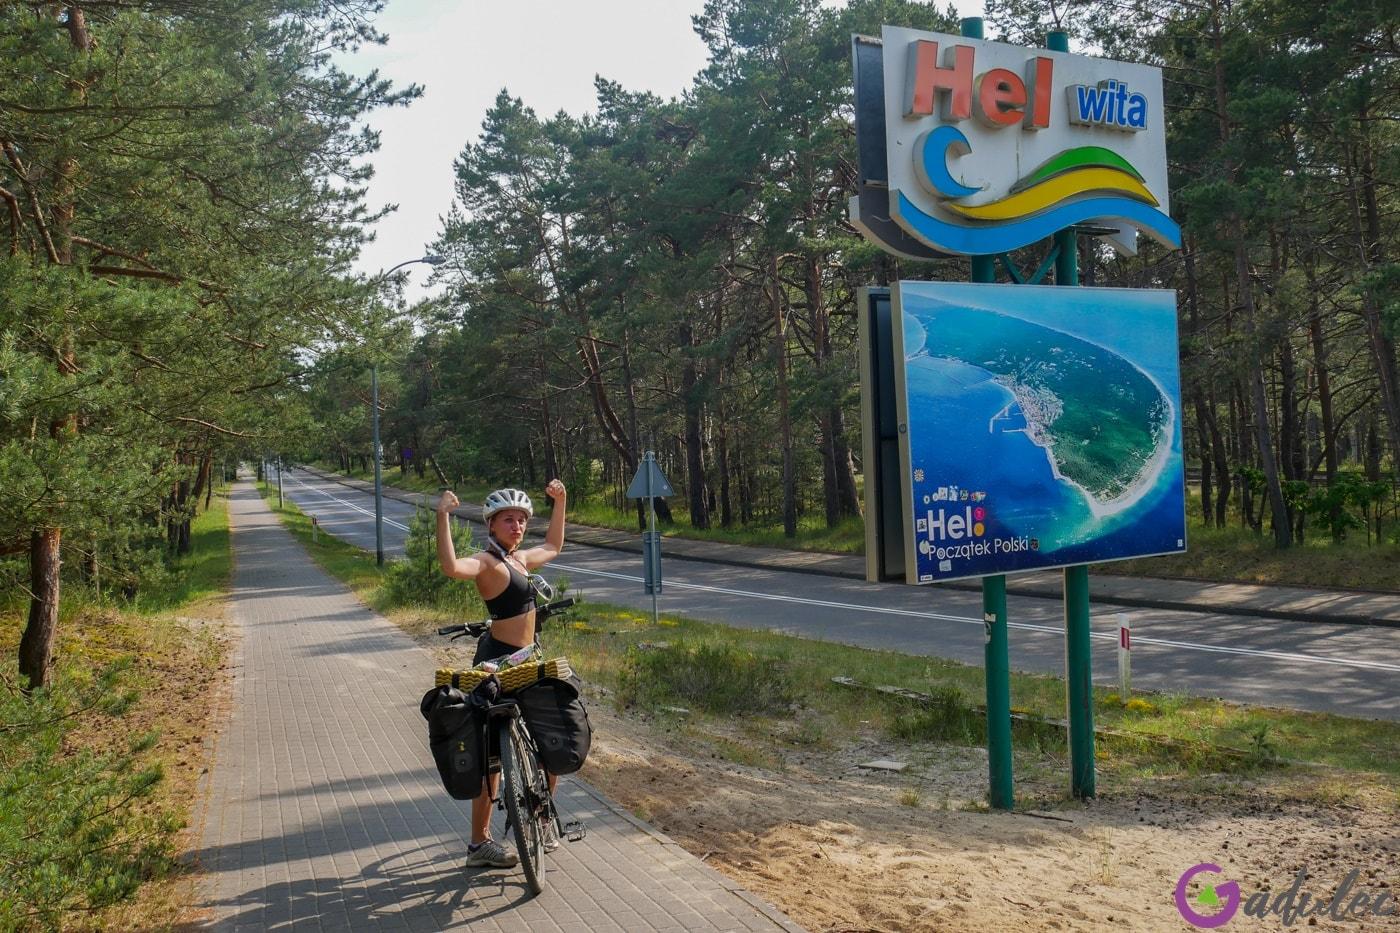 Rowerem do miasta Hel